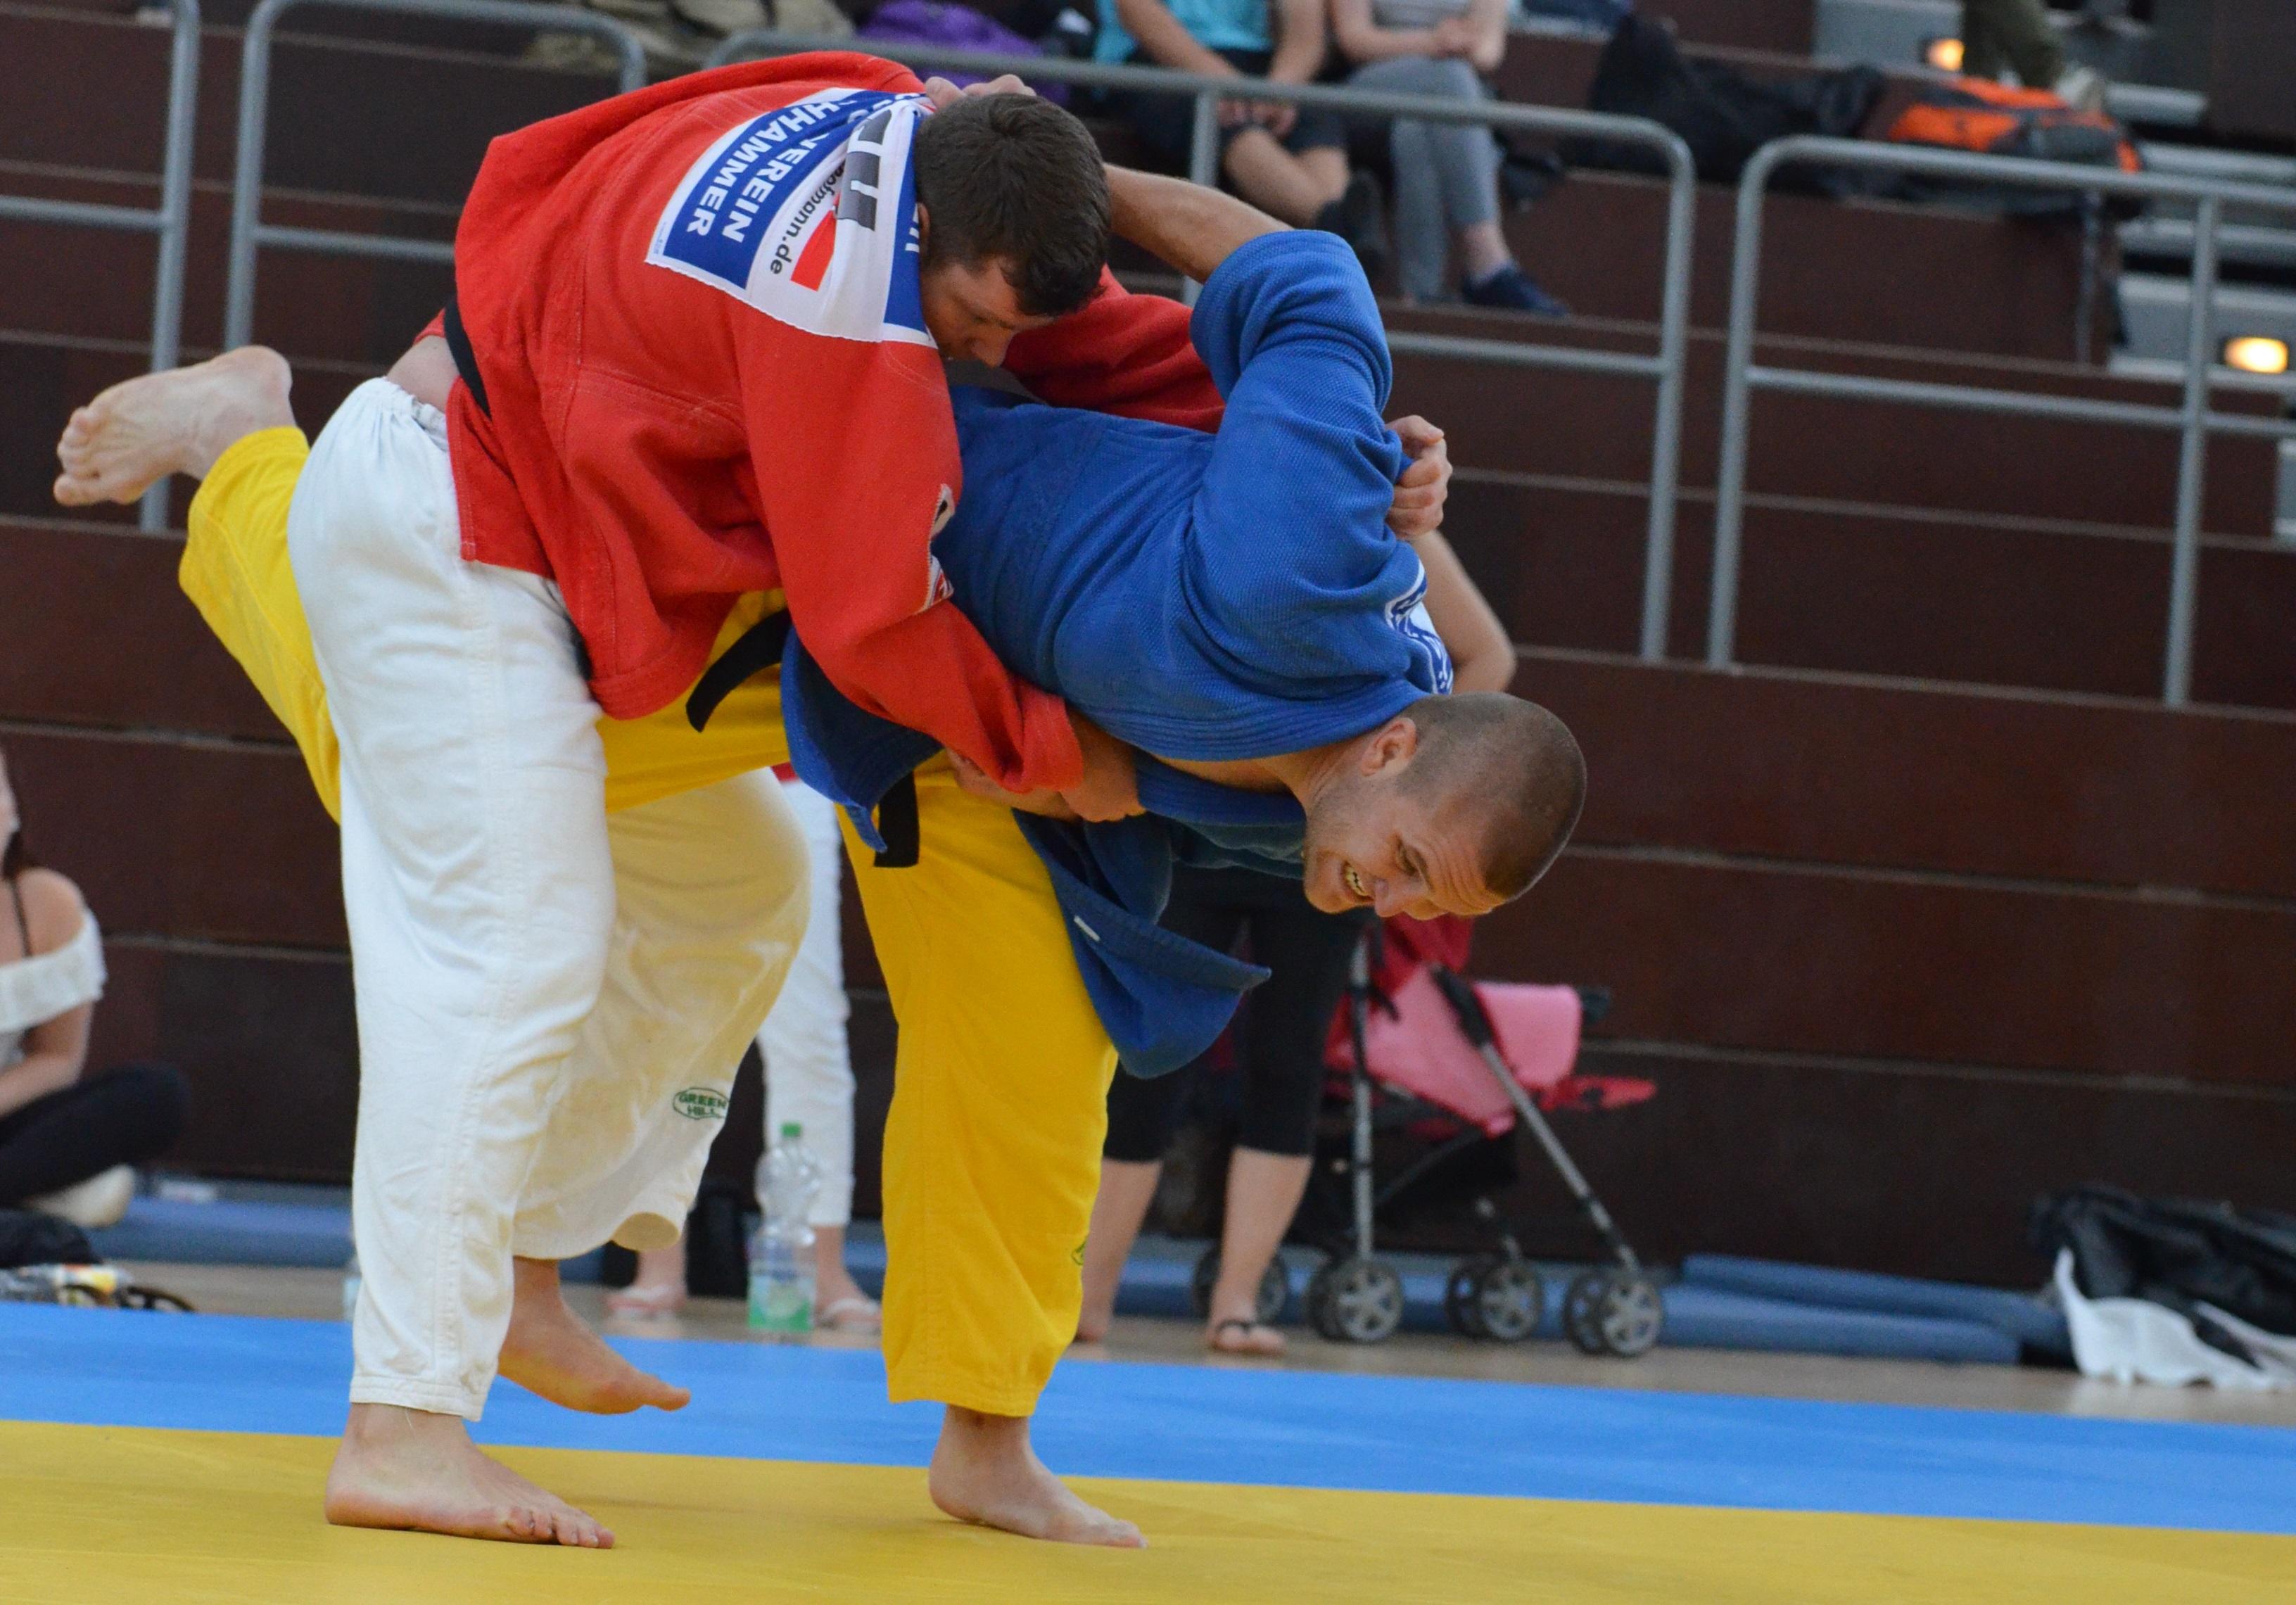 Kampfgemeinschaft der Judoka Mecklenburg-Vorpommerns startet am Sonnabend in seine zweite Zweitliga-Saison